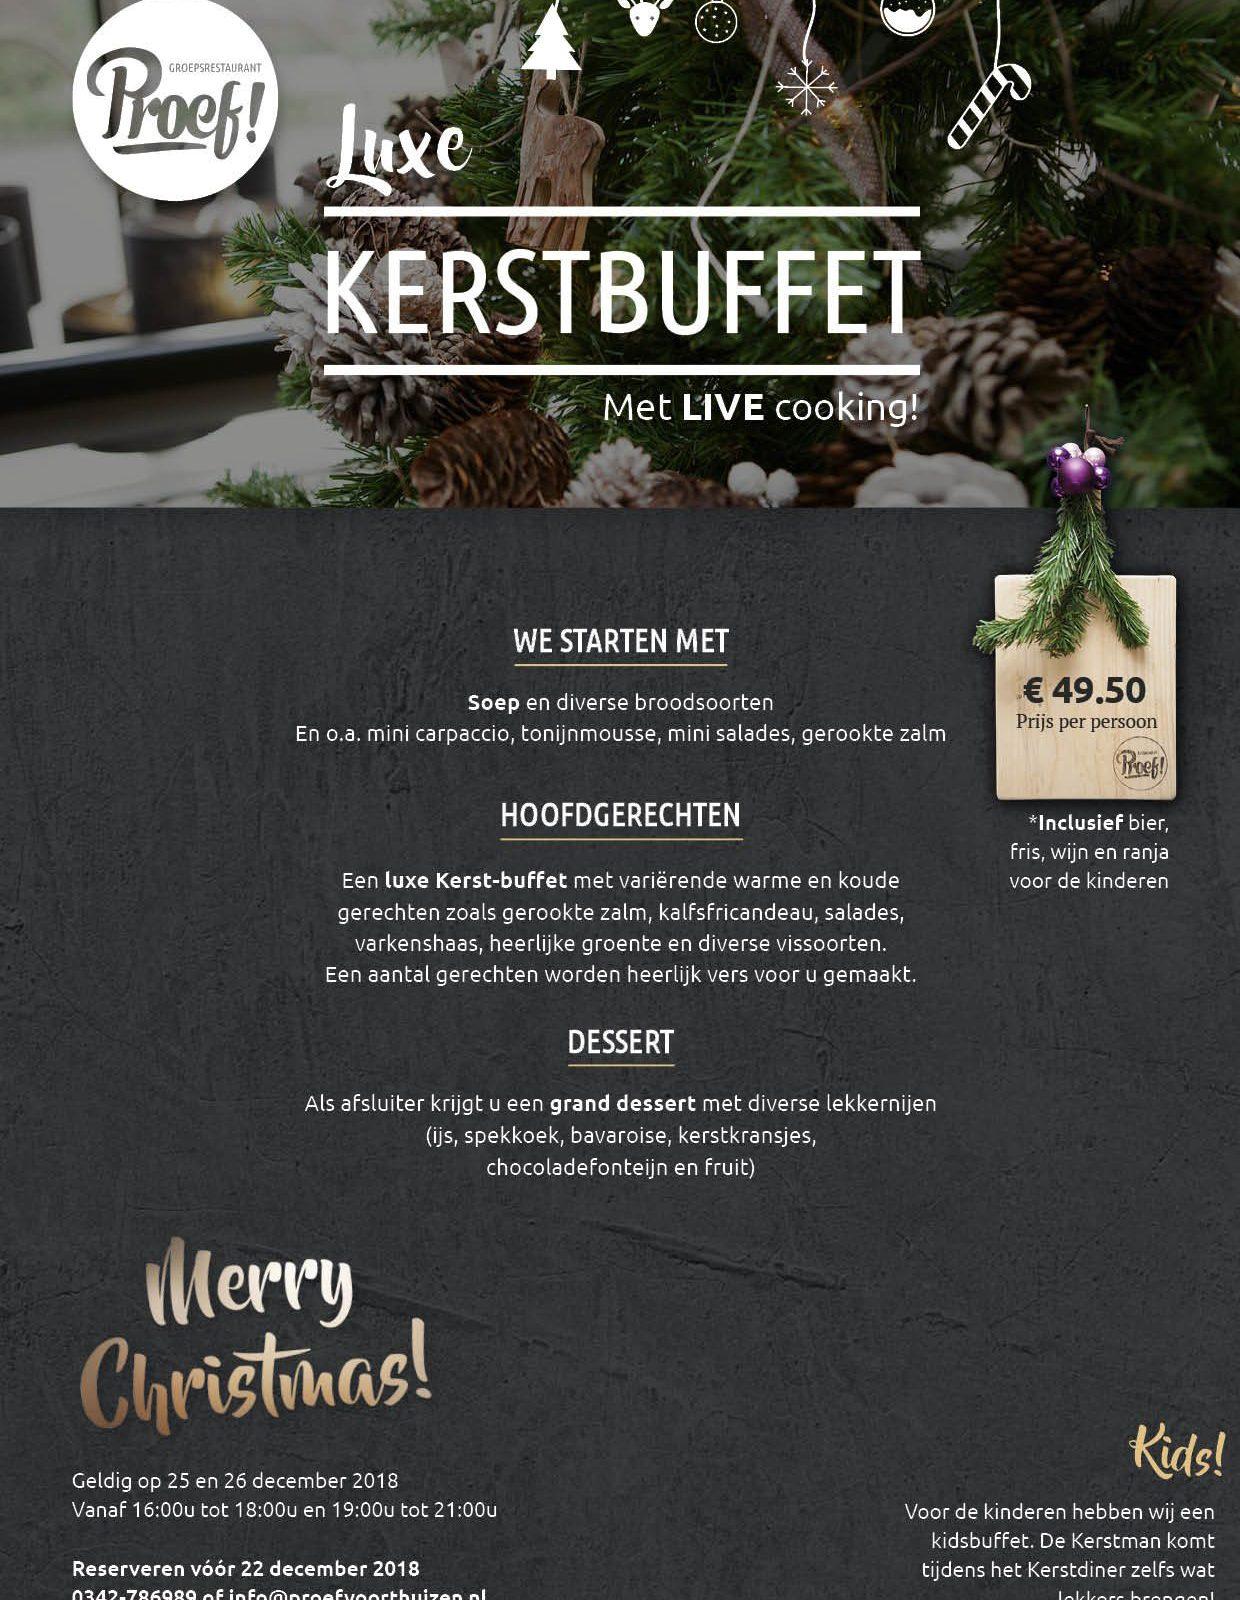 Kerstbuffet bij Proef! in Voorthuizen